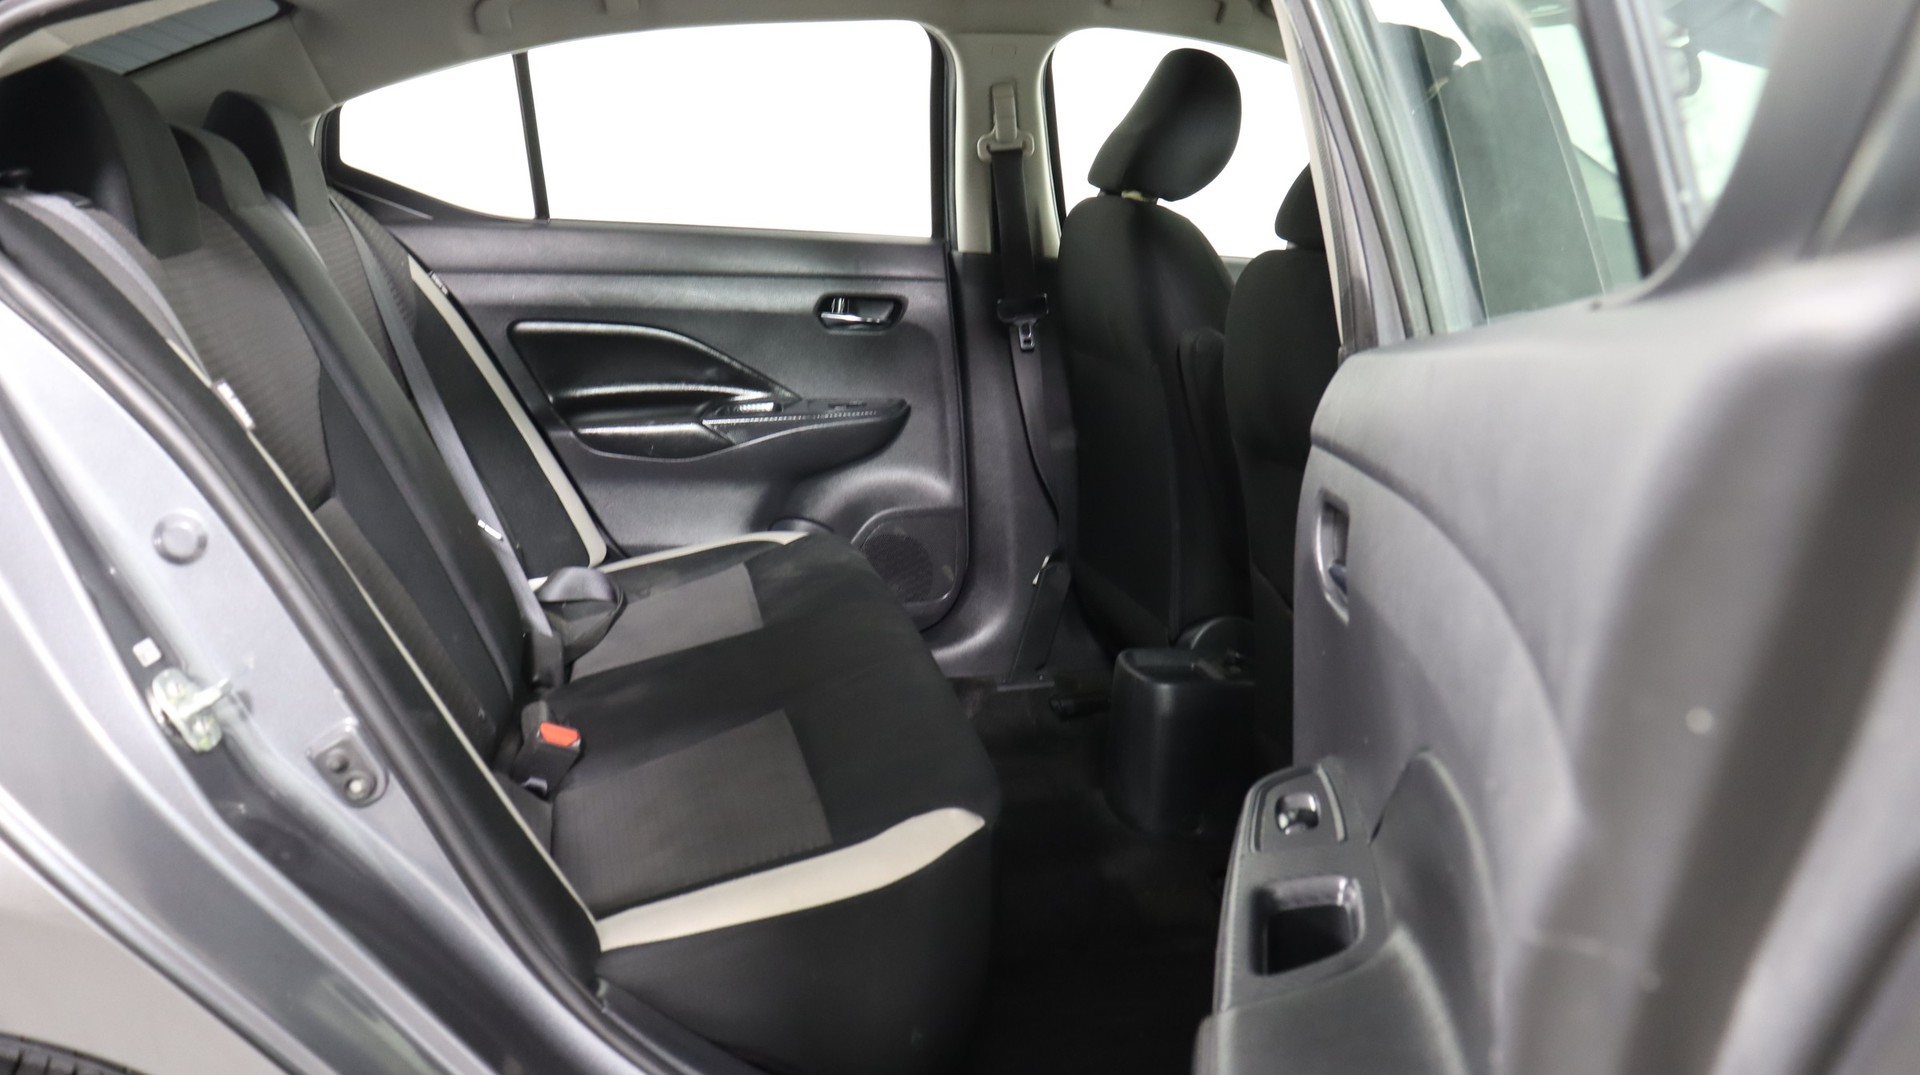 Carvix - Used vehicle - Sedan NISSAN VERSA 2020